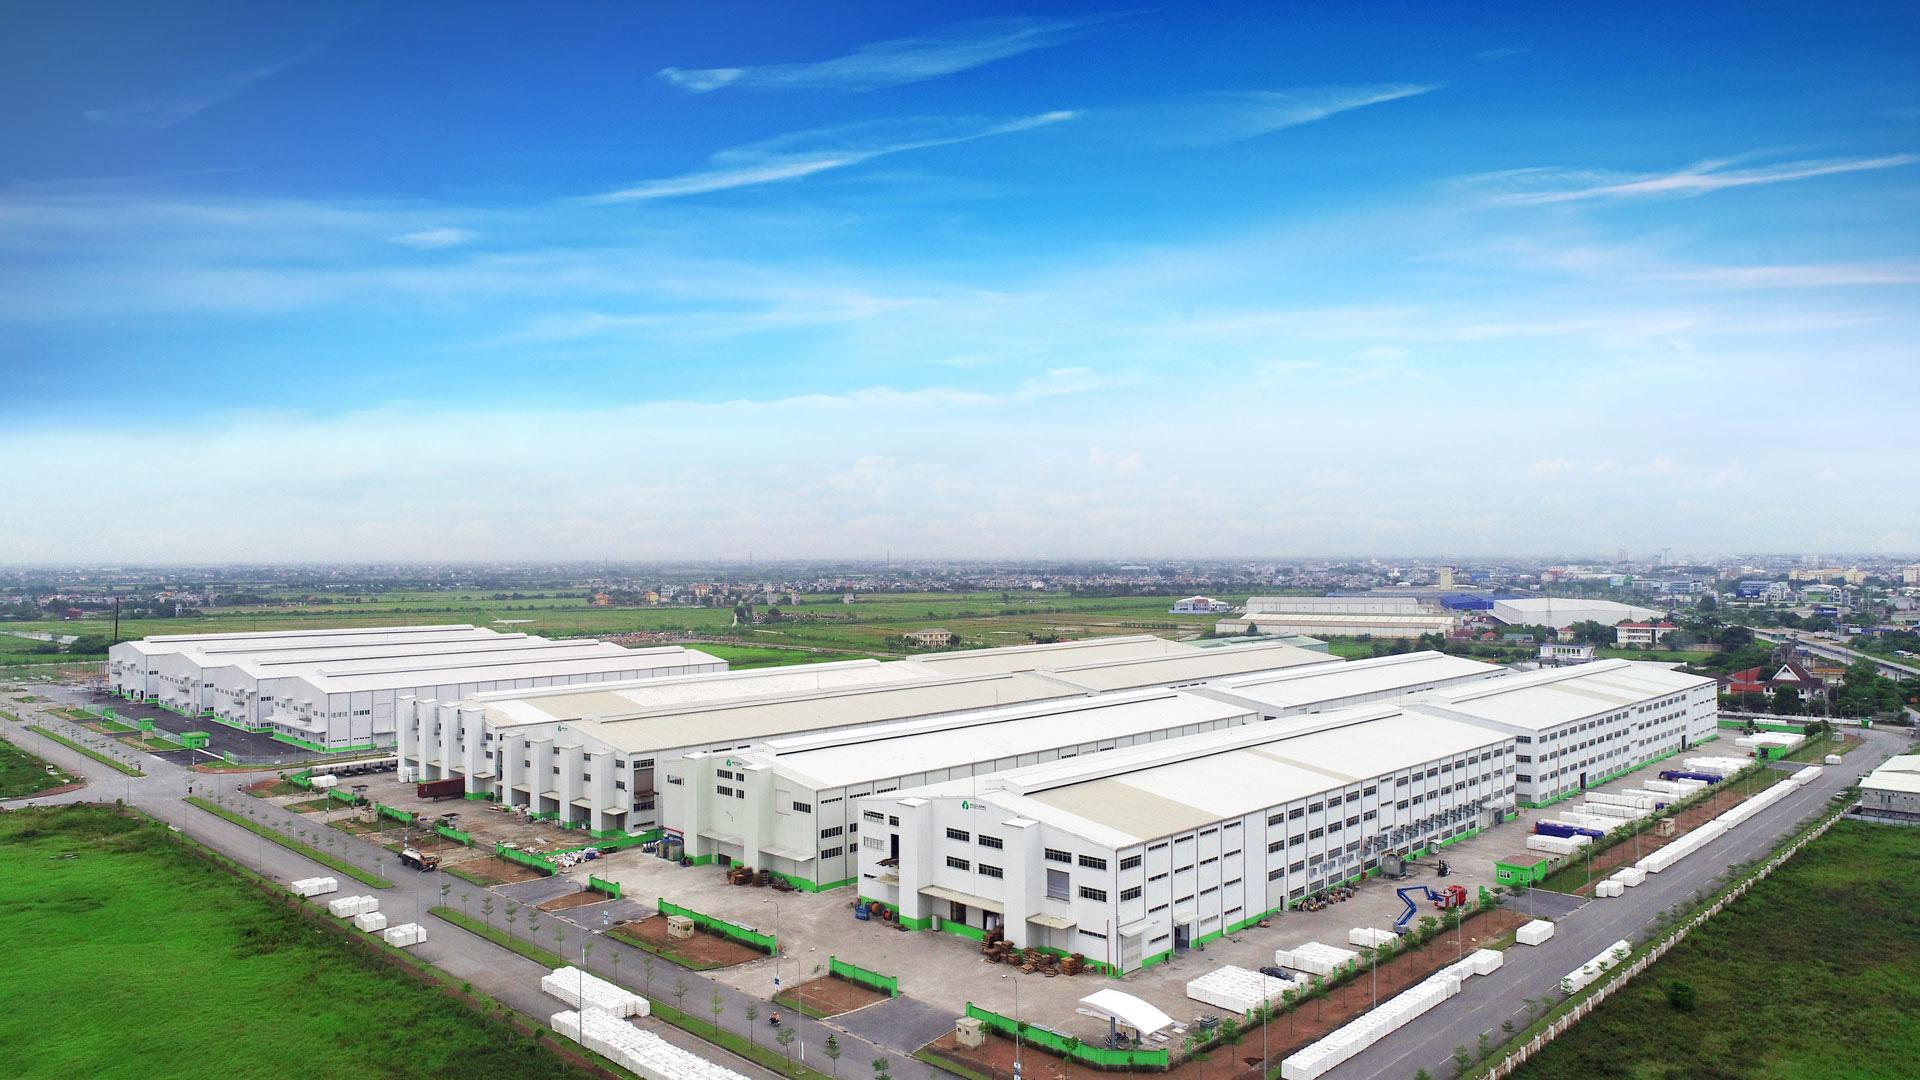 Biên lãi gộp cho thuê KCN của Nhựa An Phát Xanh đạt 44% - Ảnh 1.